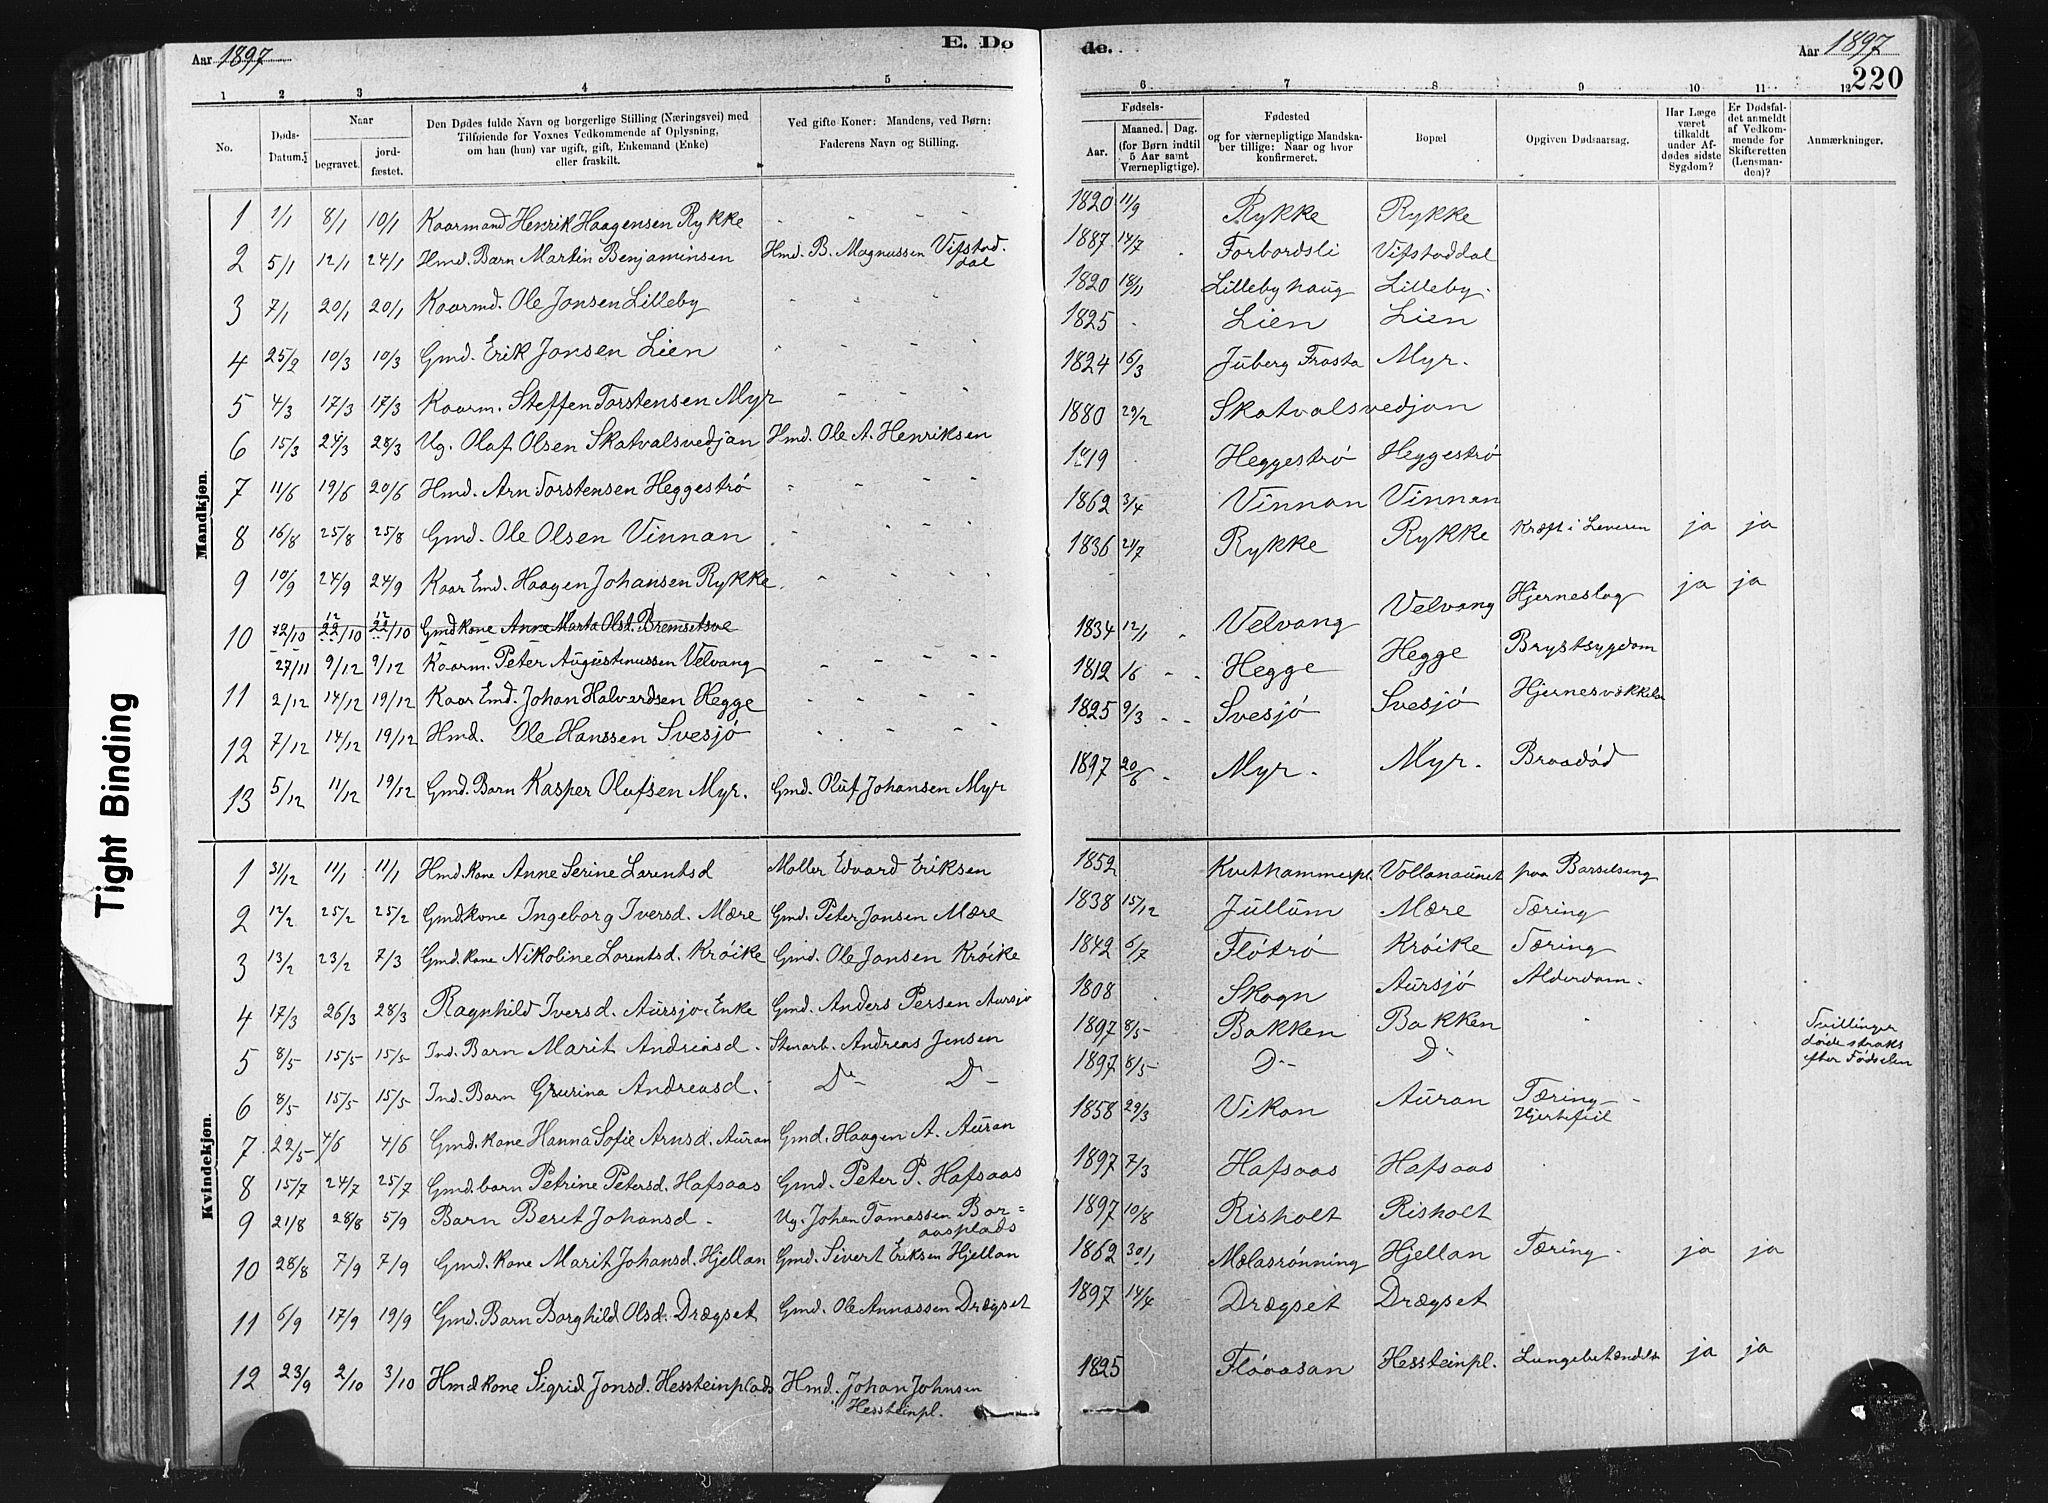 SAT, Ministerialprotokoller, klokkerbøker og fødselsregistre - Nord-Trøndelag, 712/L0103: Klokkerbok nr. 712C01, 1878-1917, s. 220